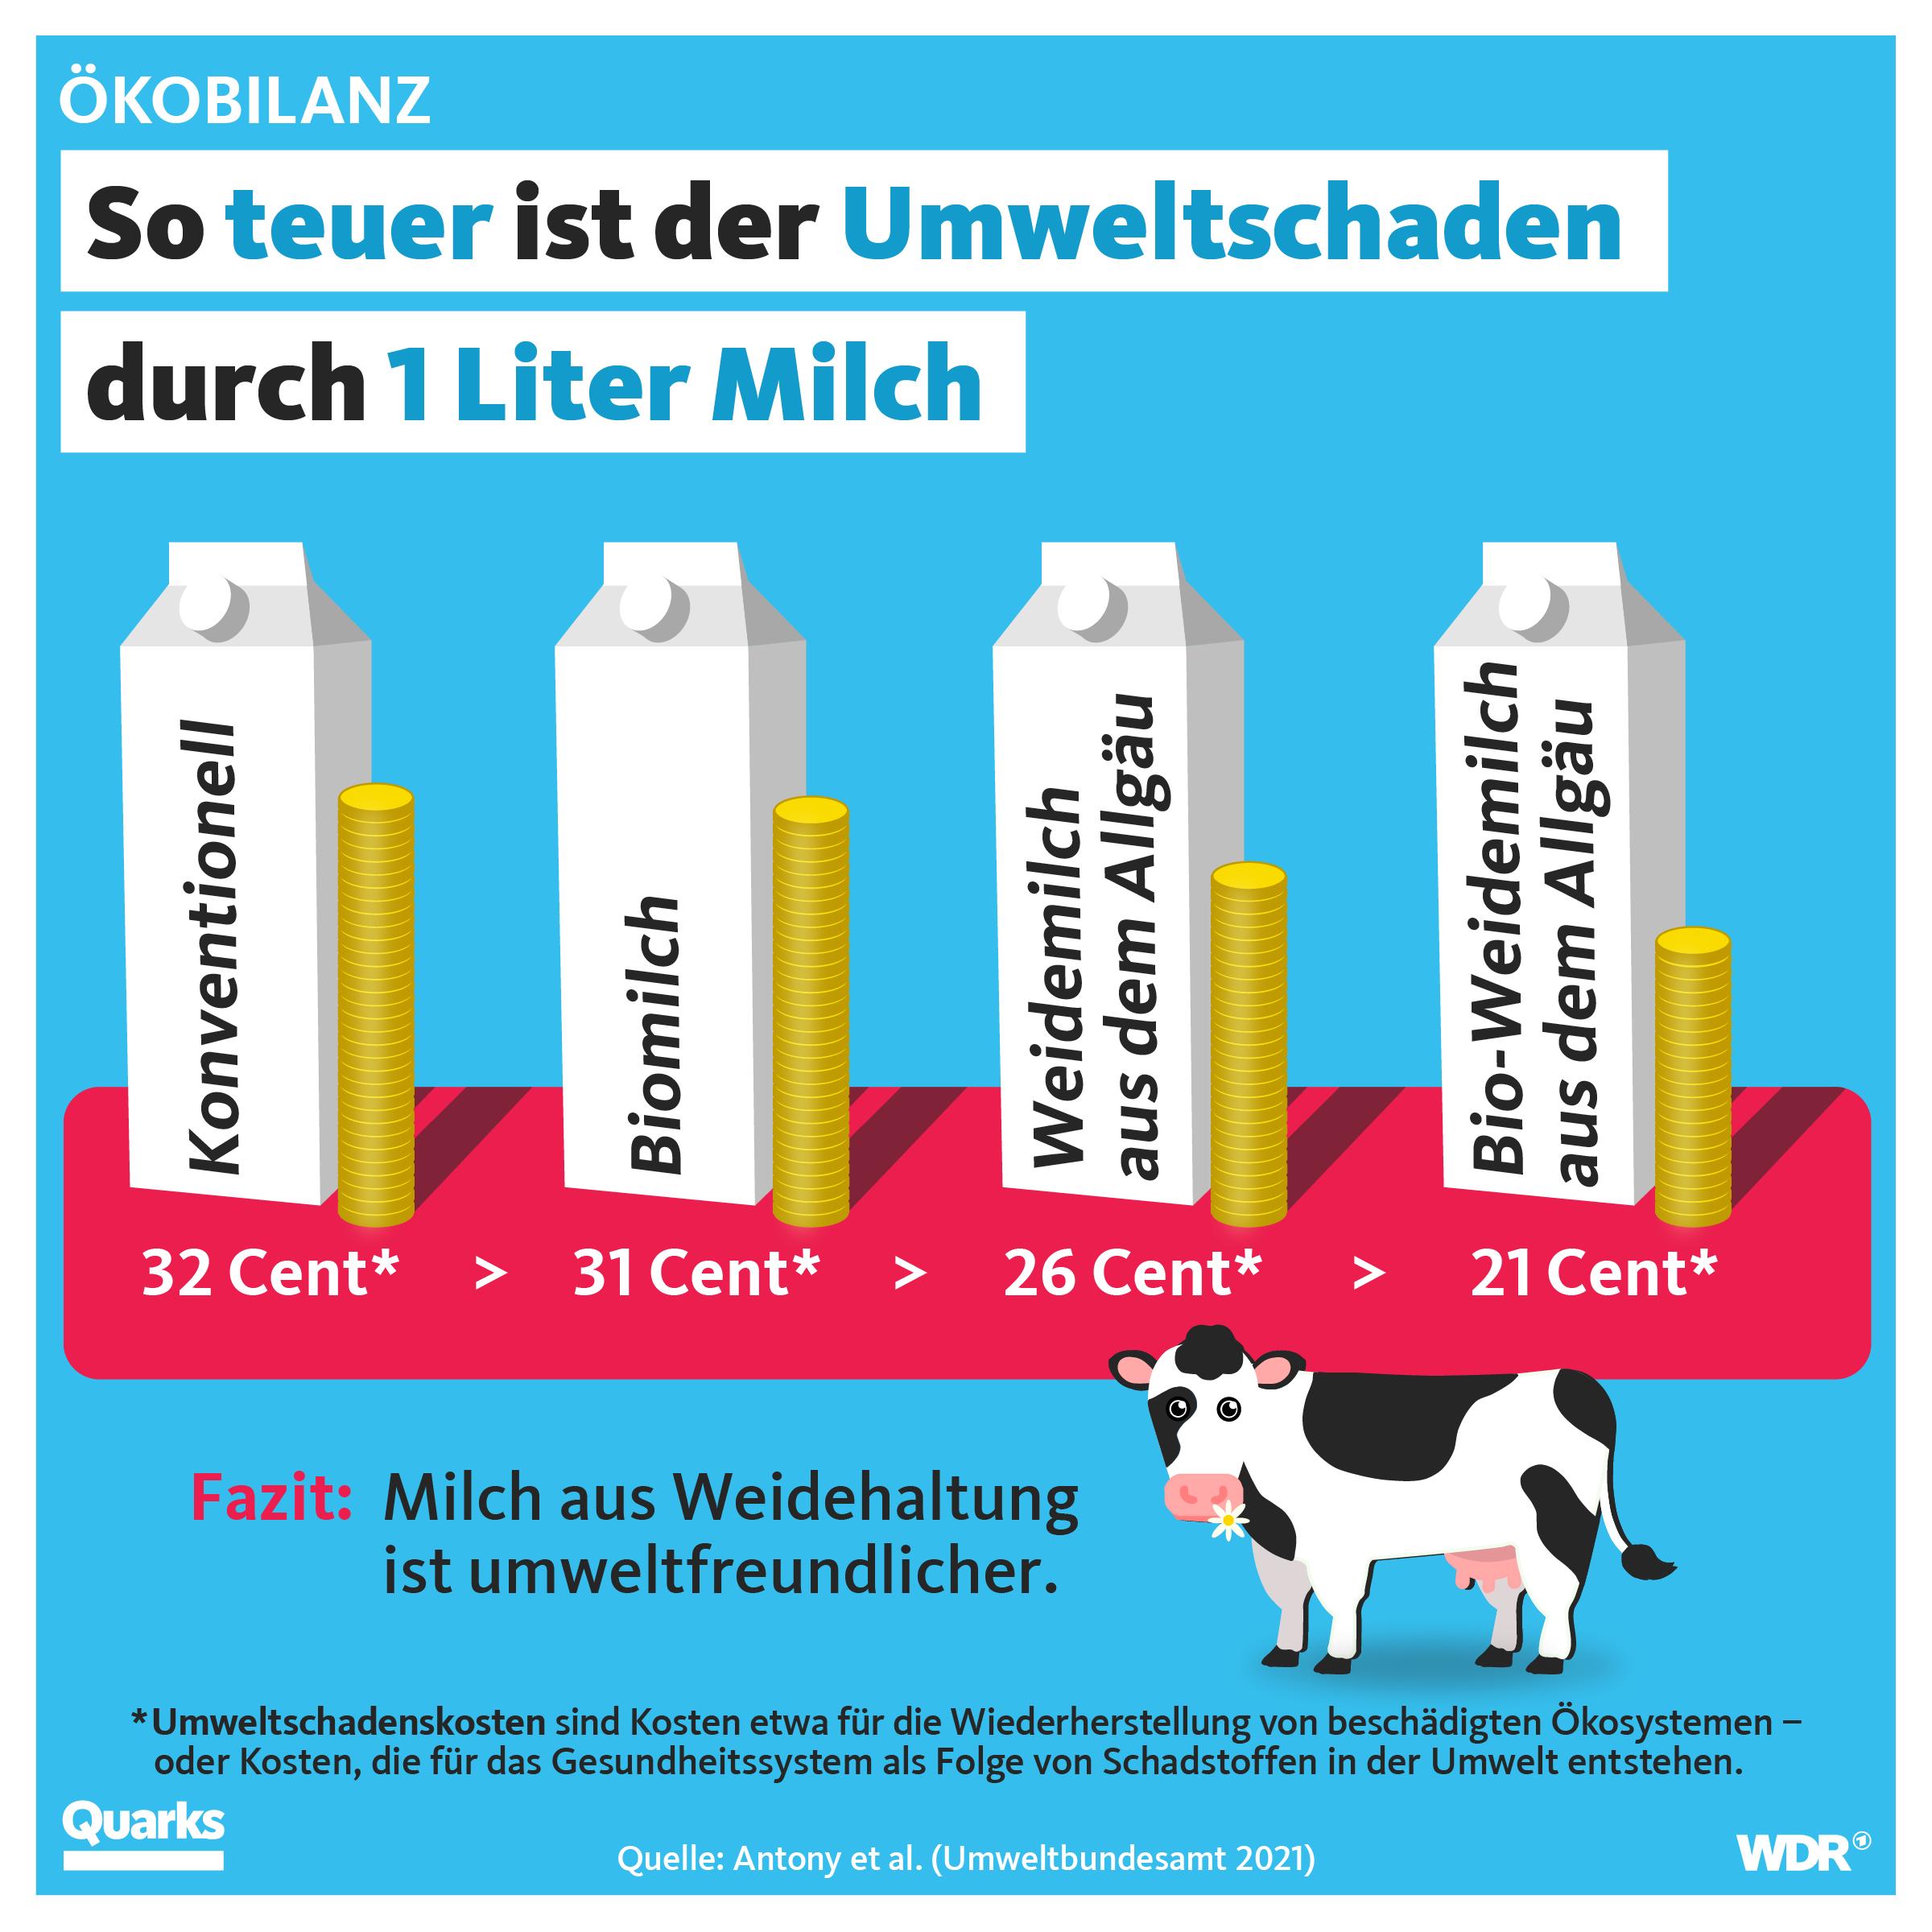 So teuer ist der Umweltschaden durch 1 Liter Milch